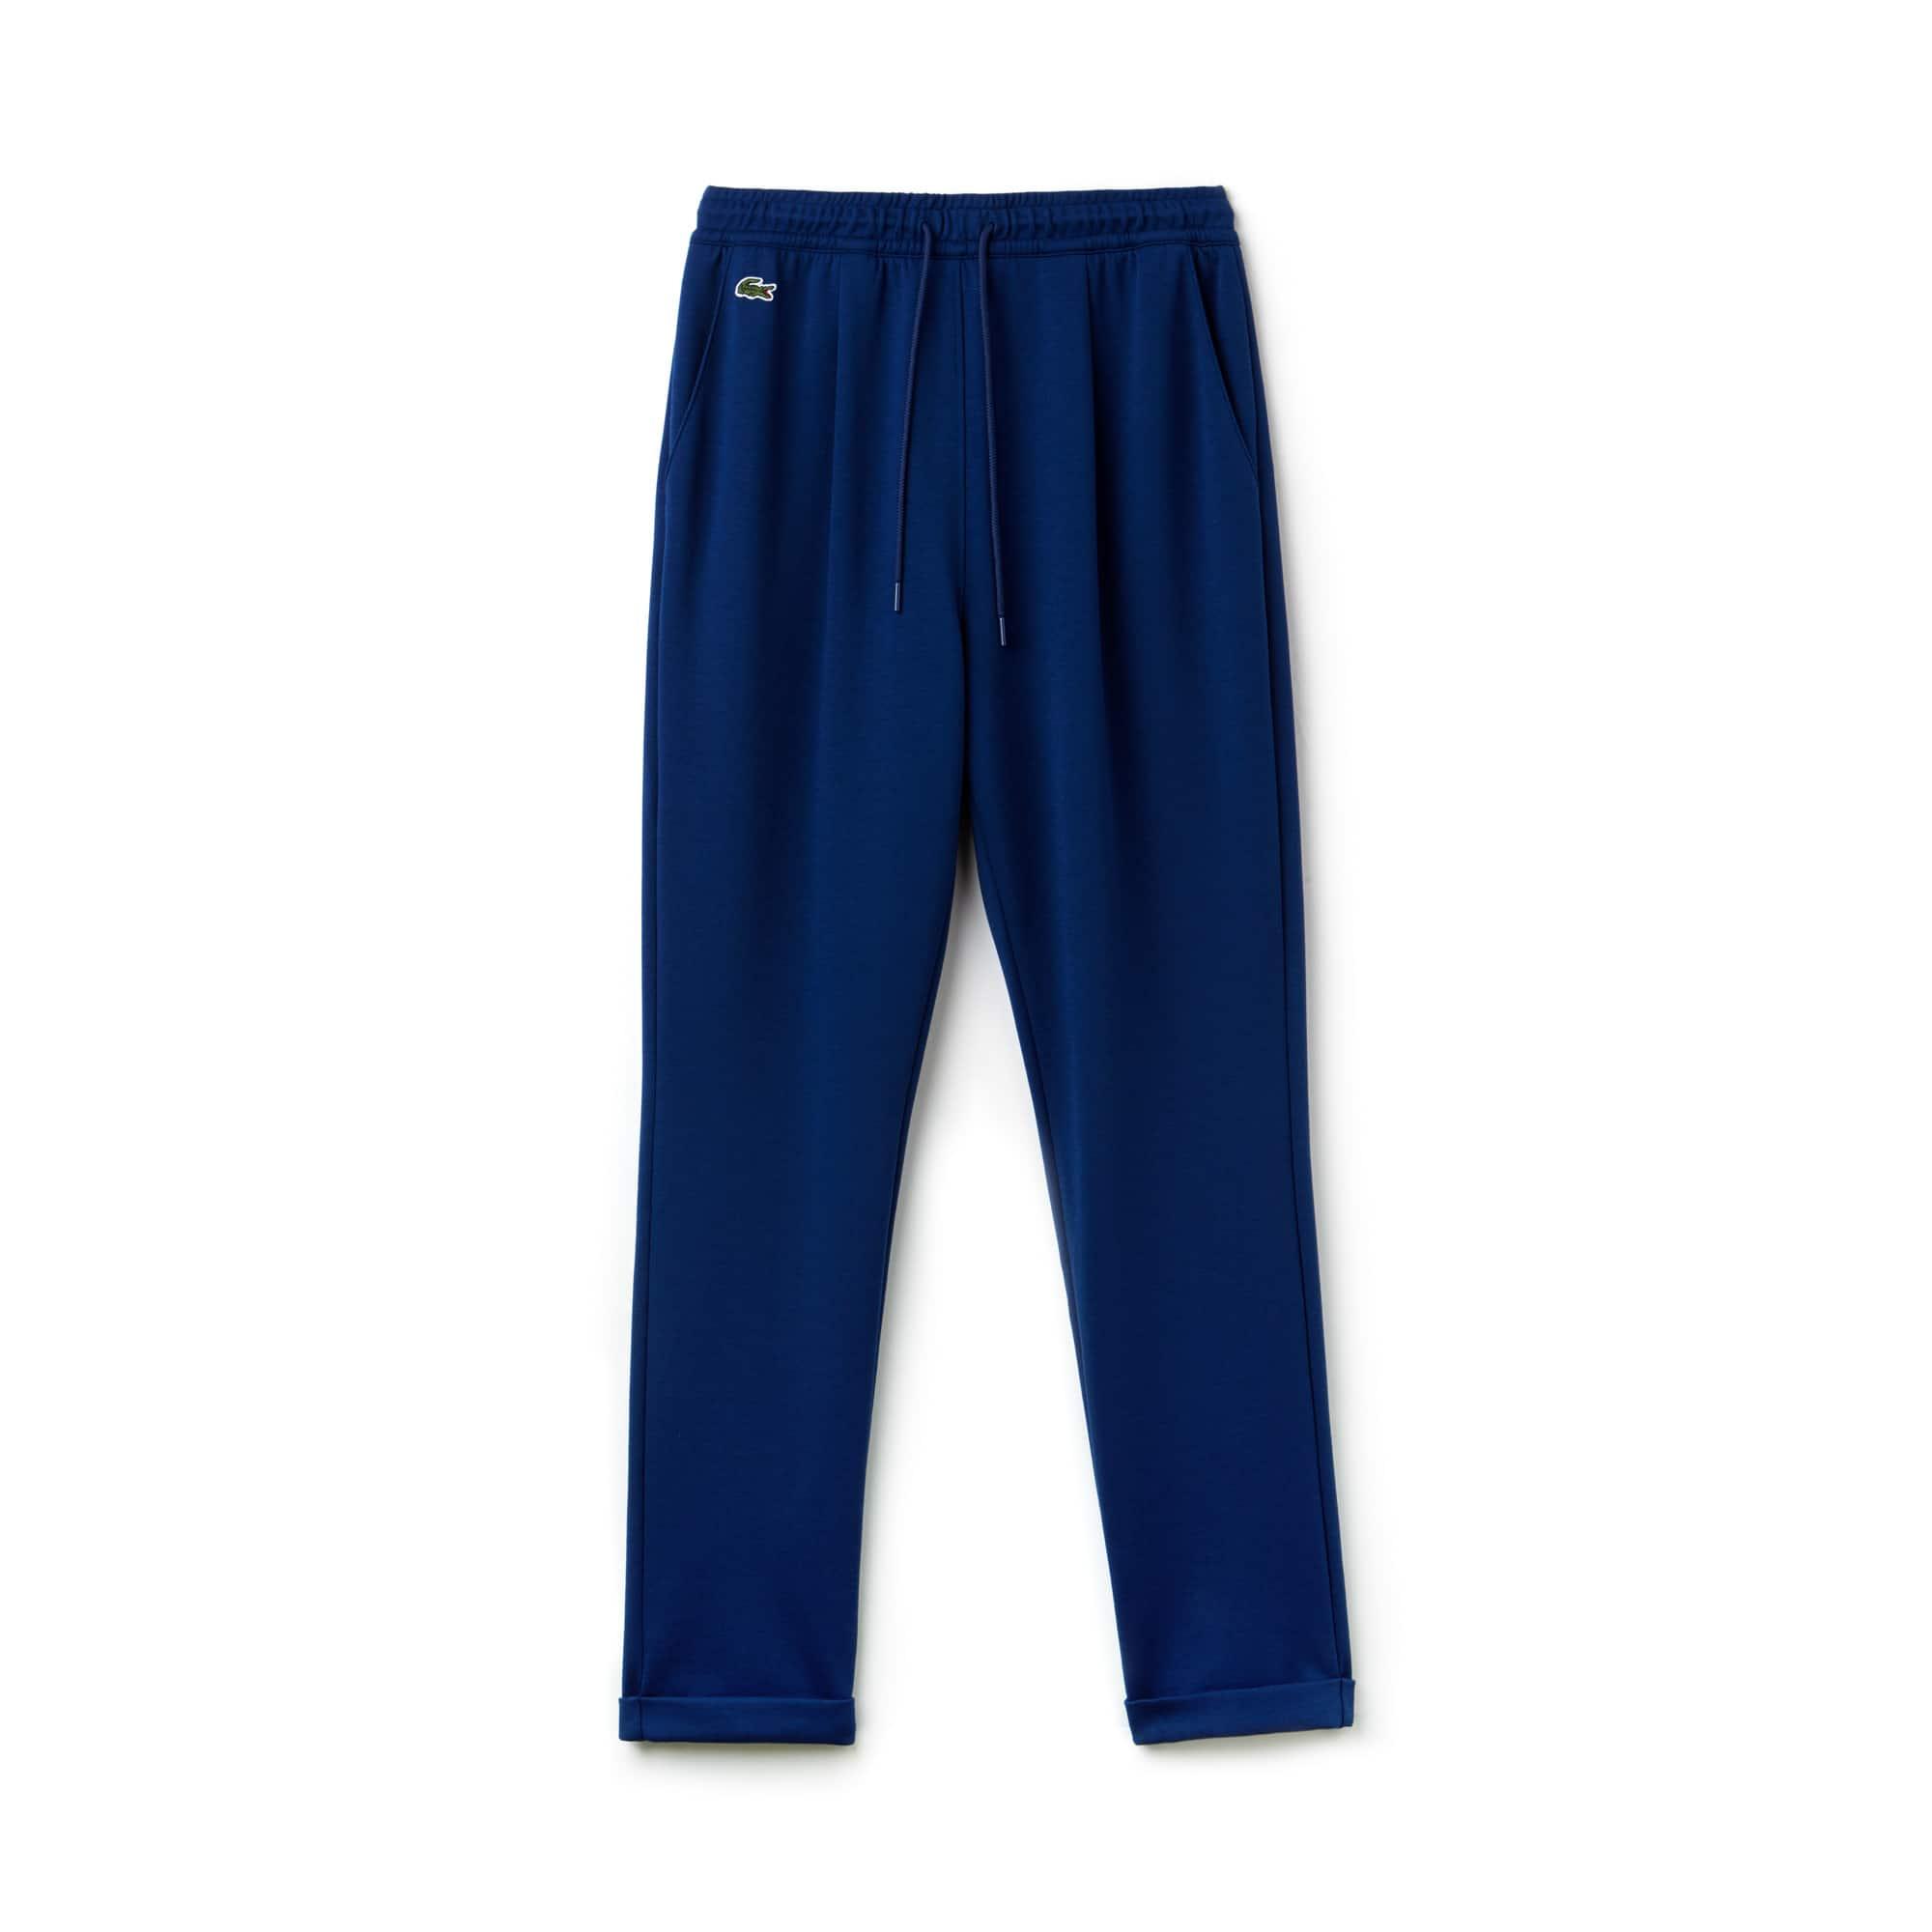 Pantaloni tuta con pince Tennis Lacoste SPORT in cotone